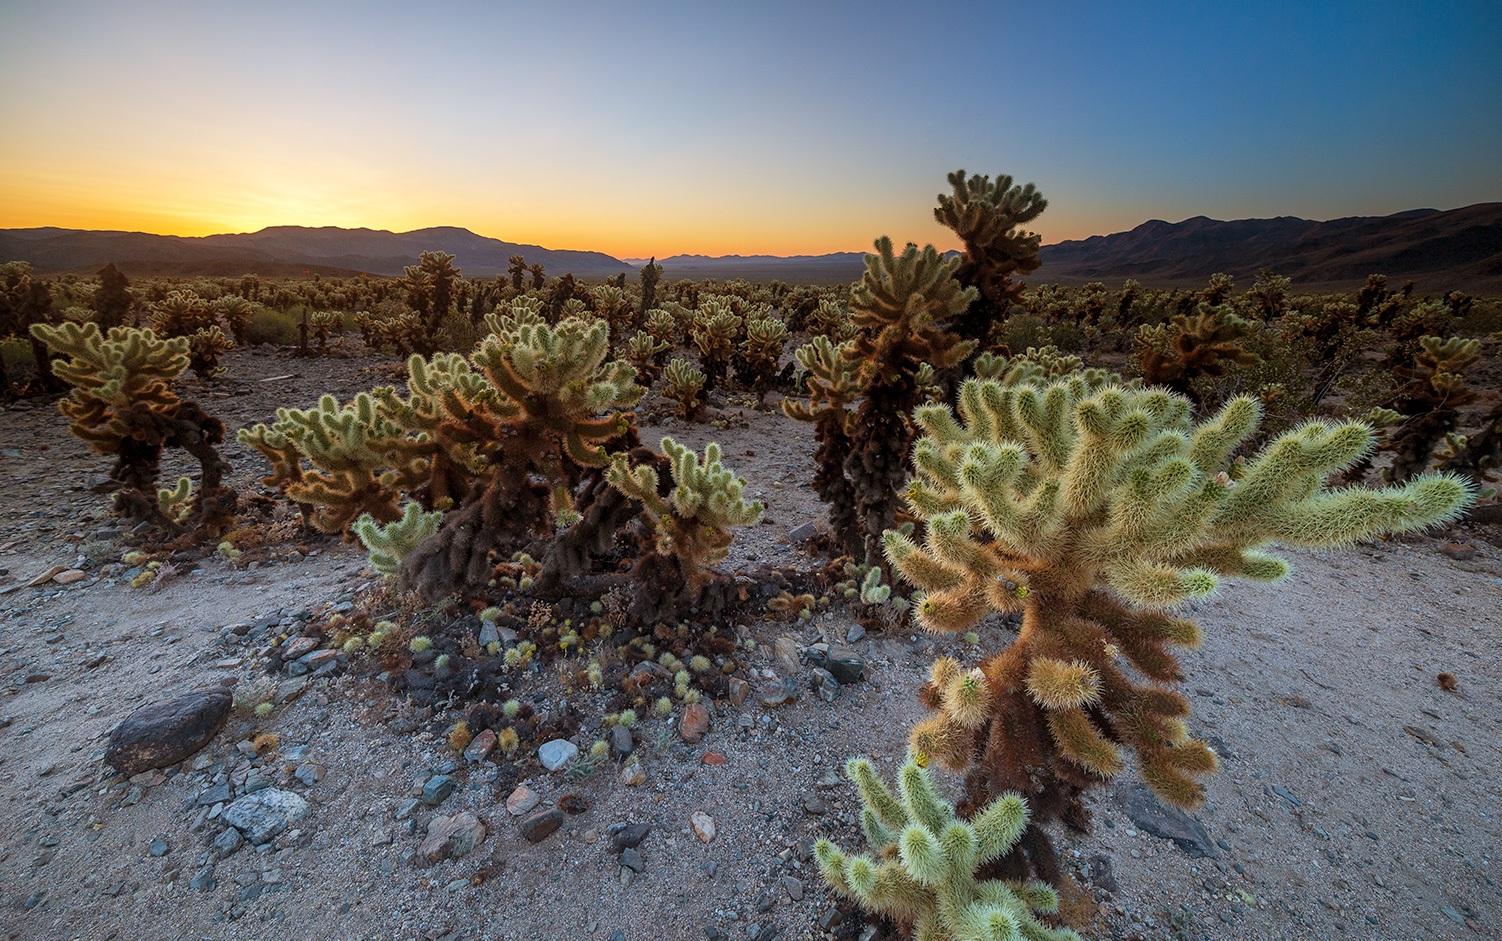 Cholla Cactus Garden - Joshua Tree National Park - California, USA